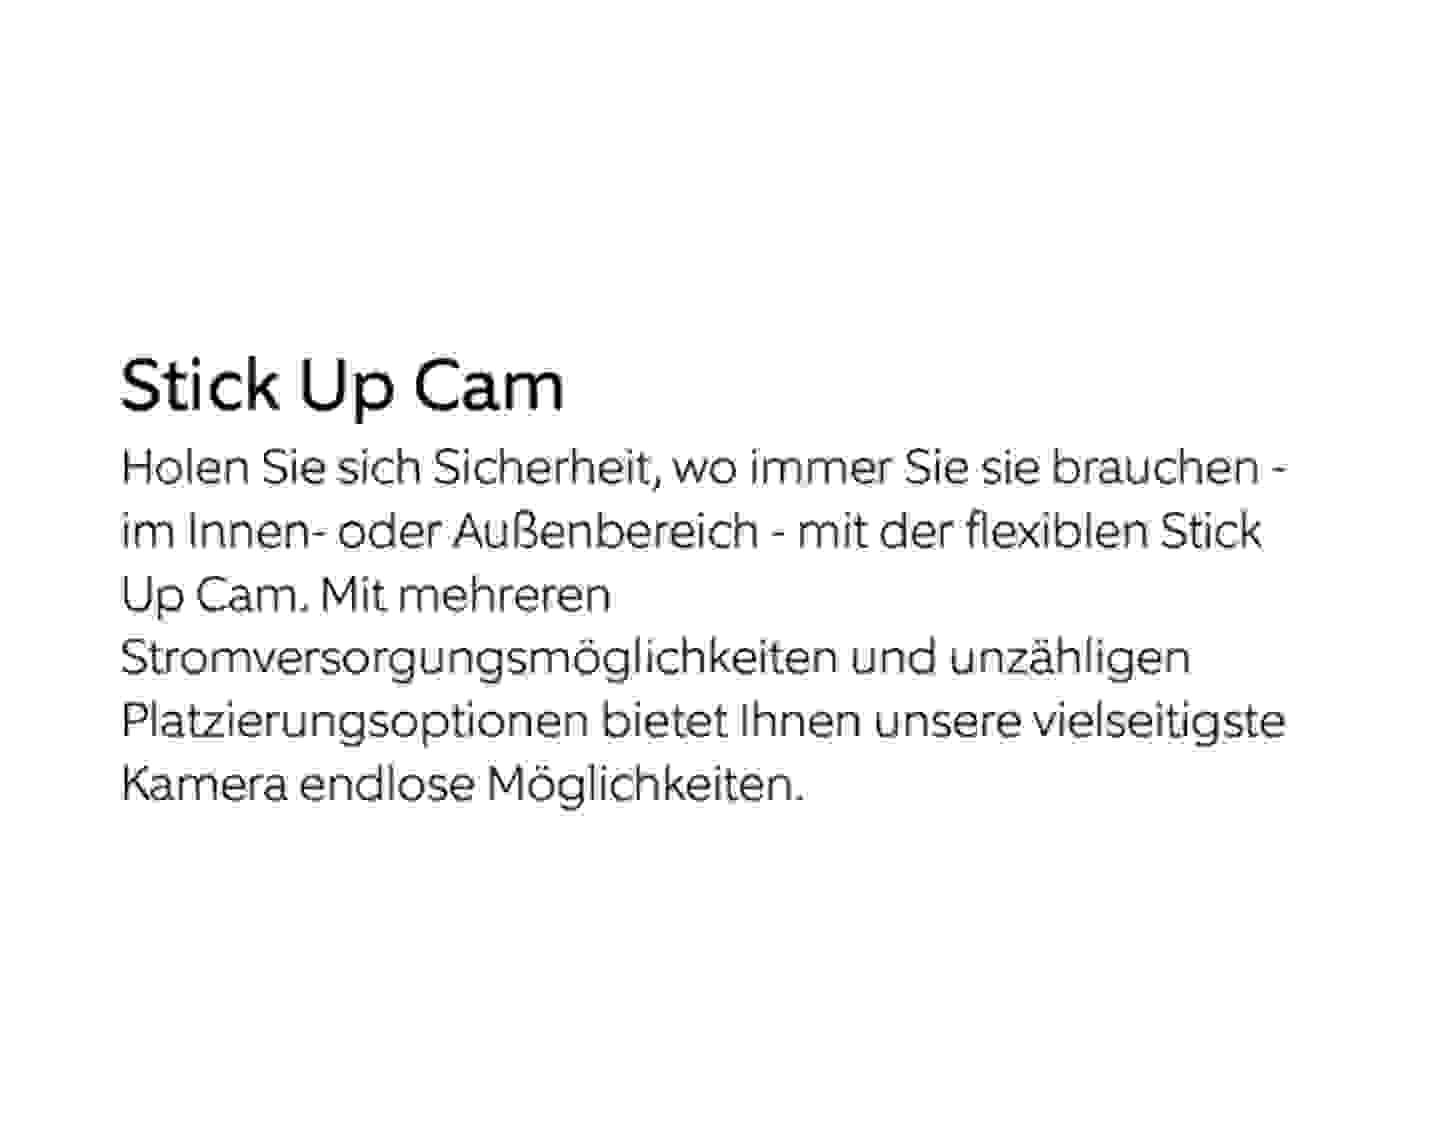 Stick Up Cam